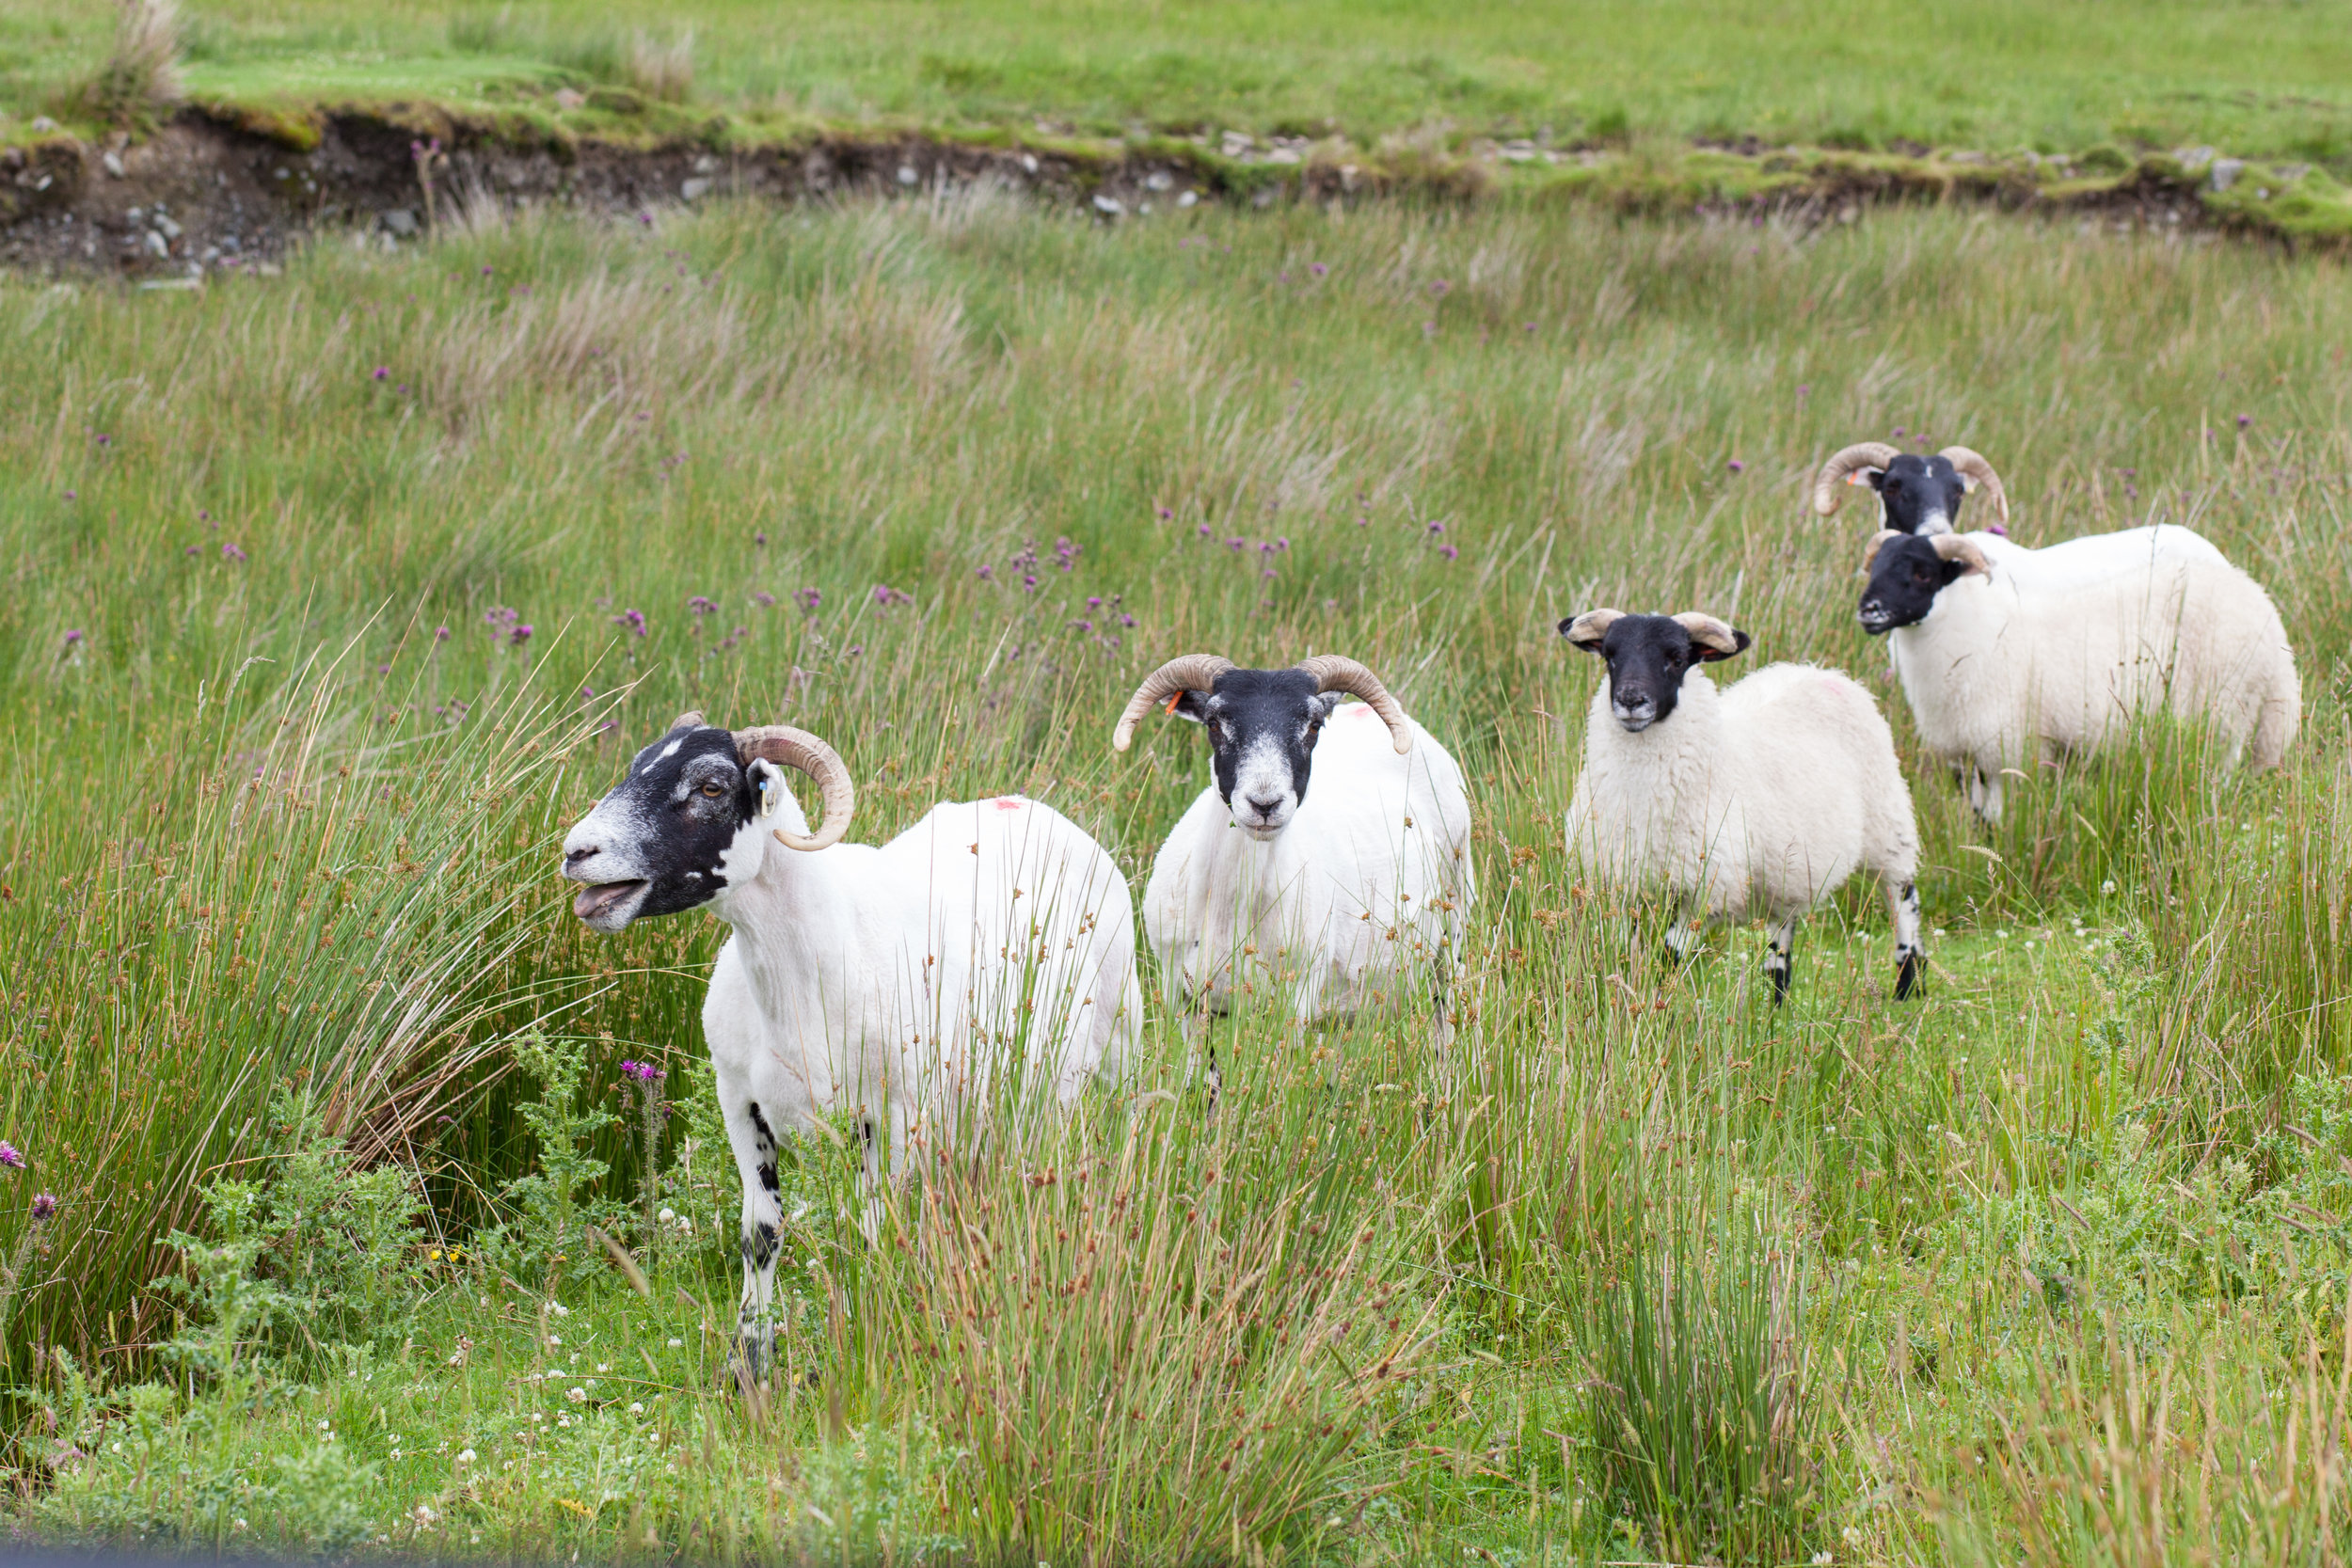 Four sheep in a field in Scotland.